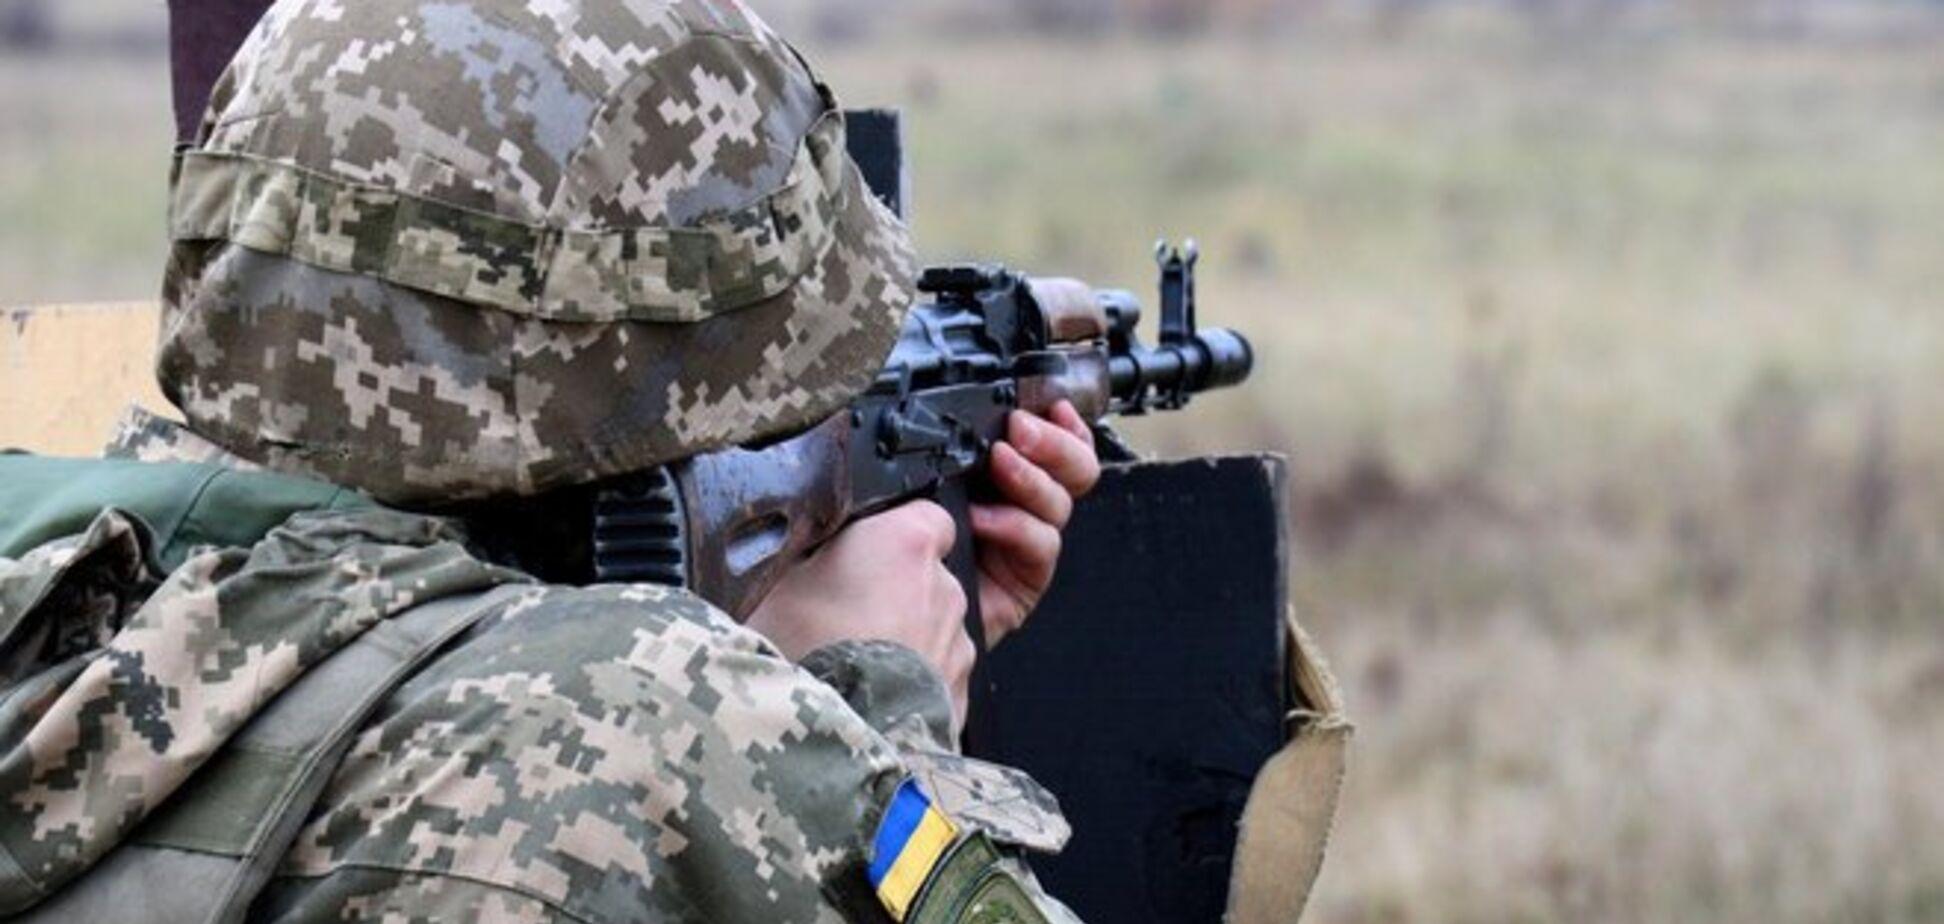 Пока Зеленский и Путин говорили о мире: на Донбассе трагически погибли воины ВСУ